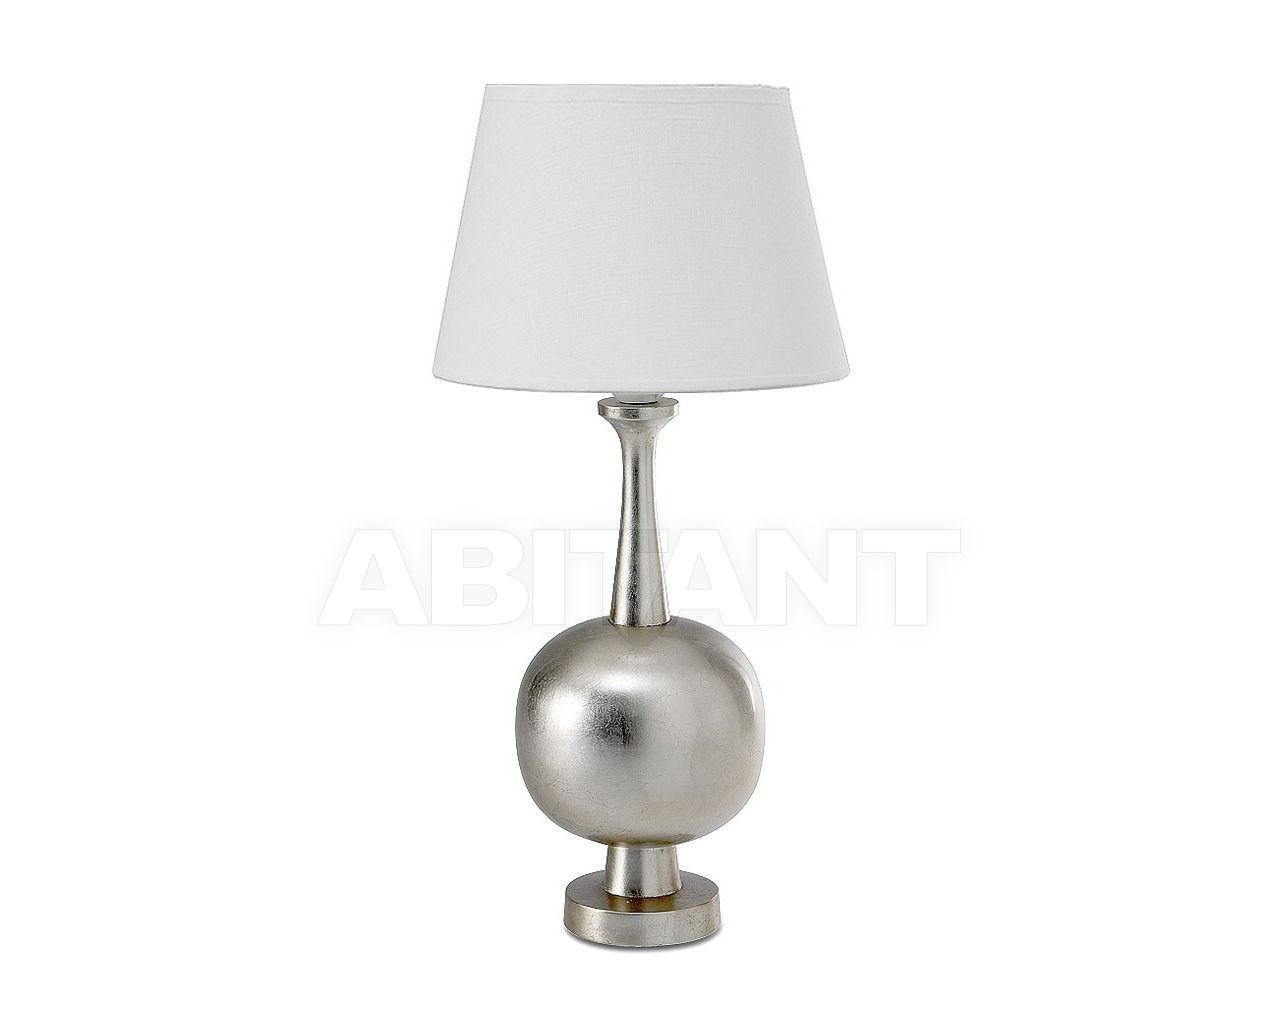 Купить Лампа настольная Mina Cantori Classic 1813.9400.82